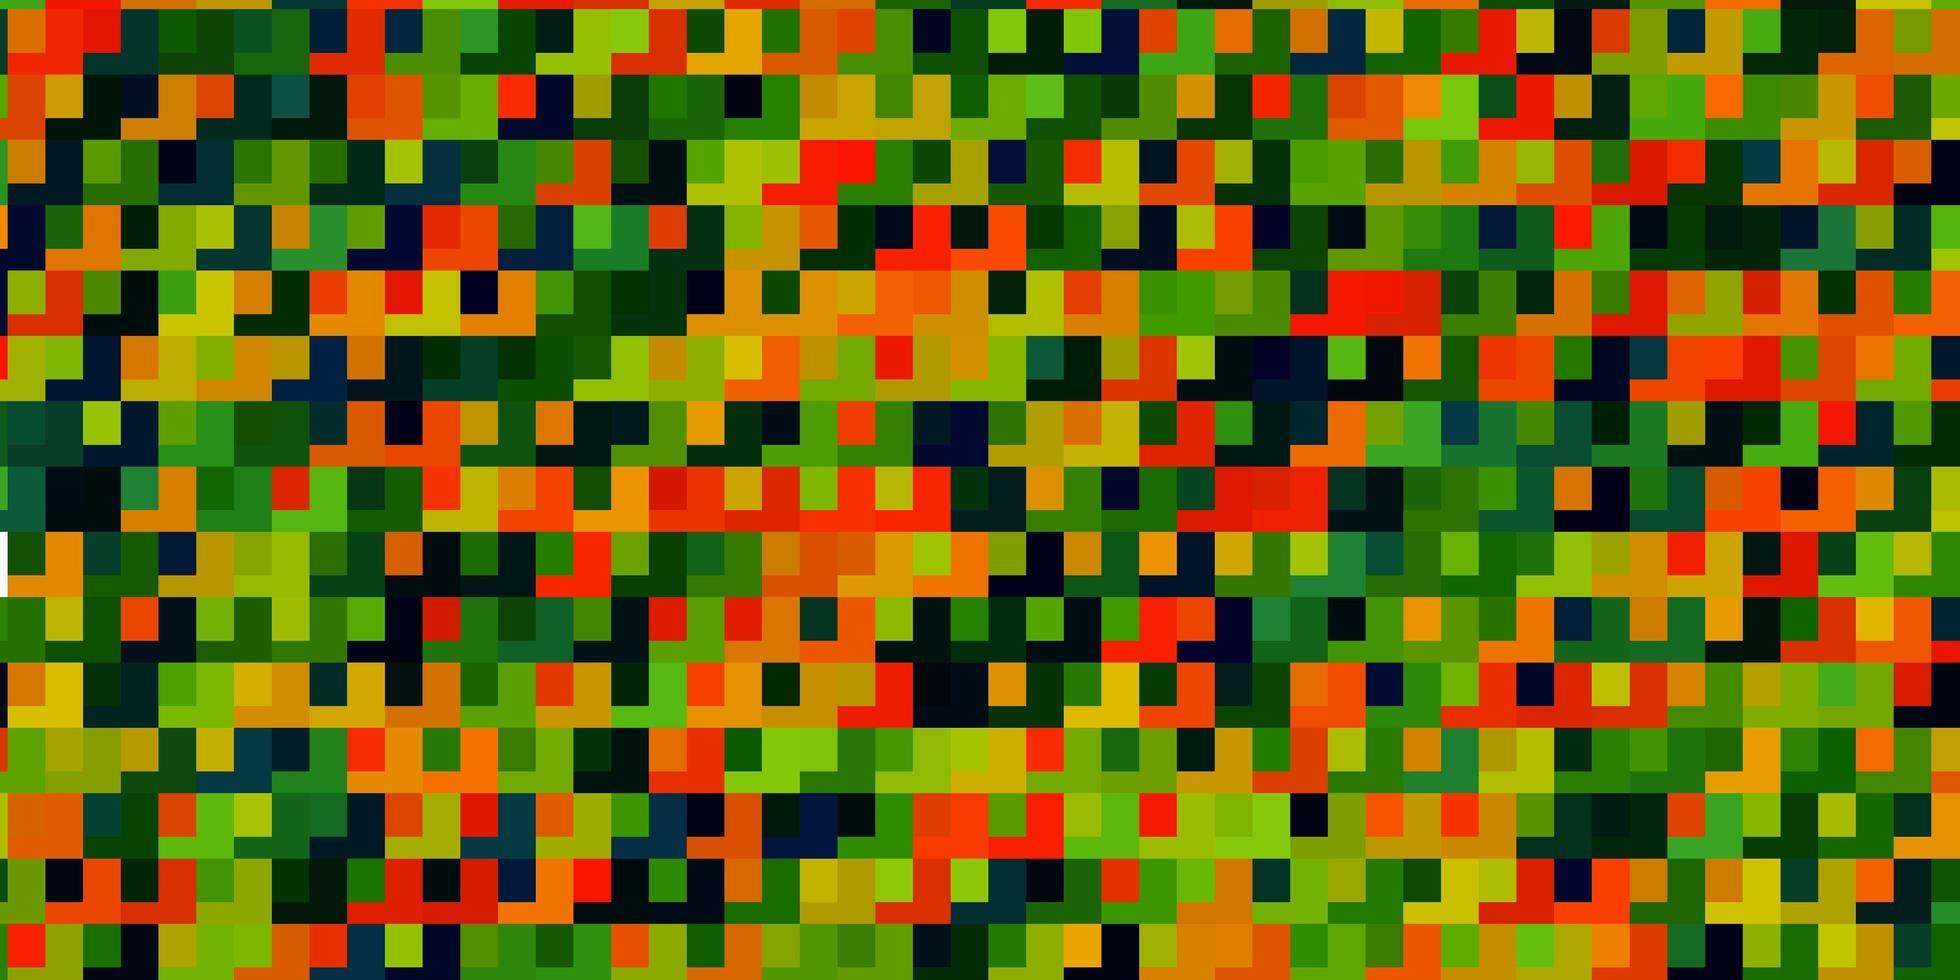 licht veelkleurige vector achtergrond in veelhoekige stijl.